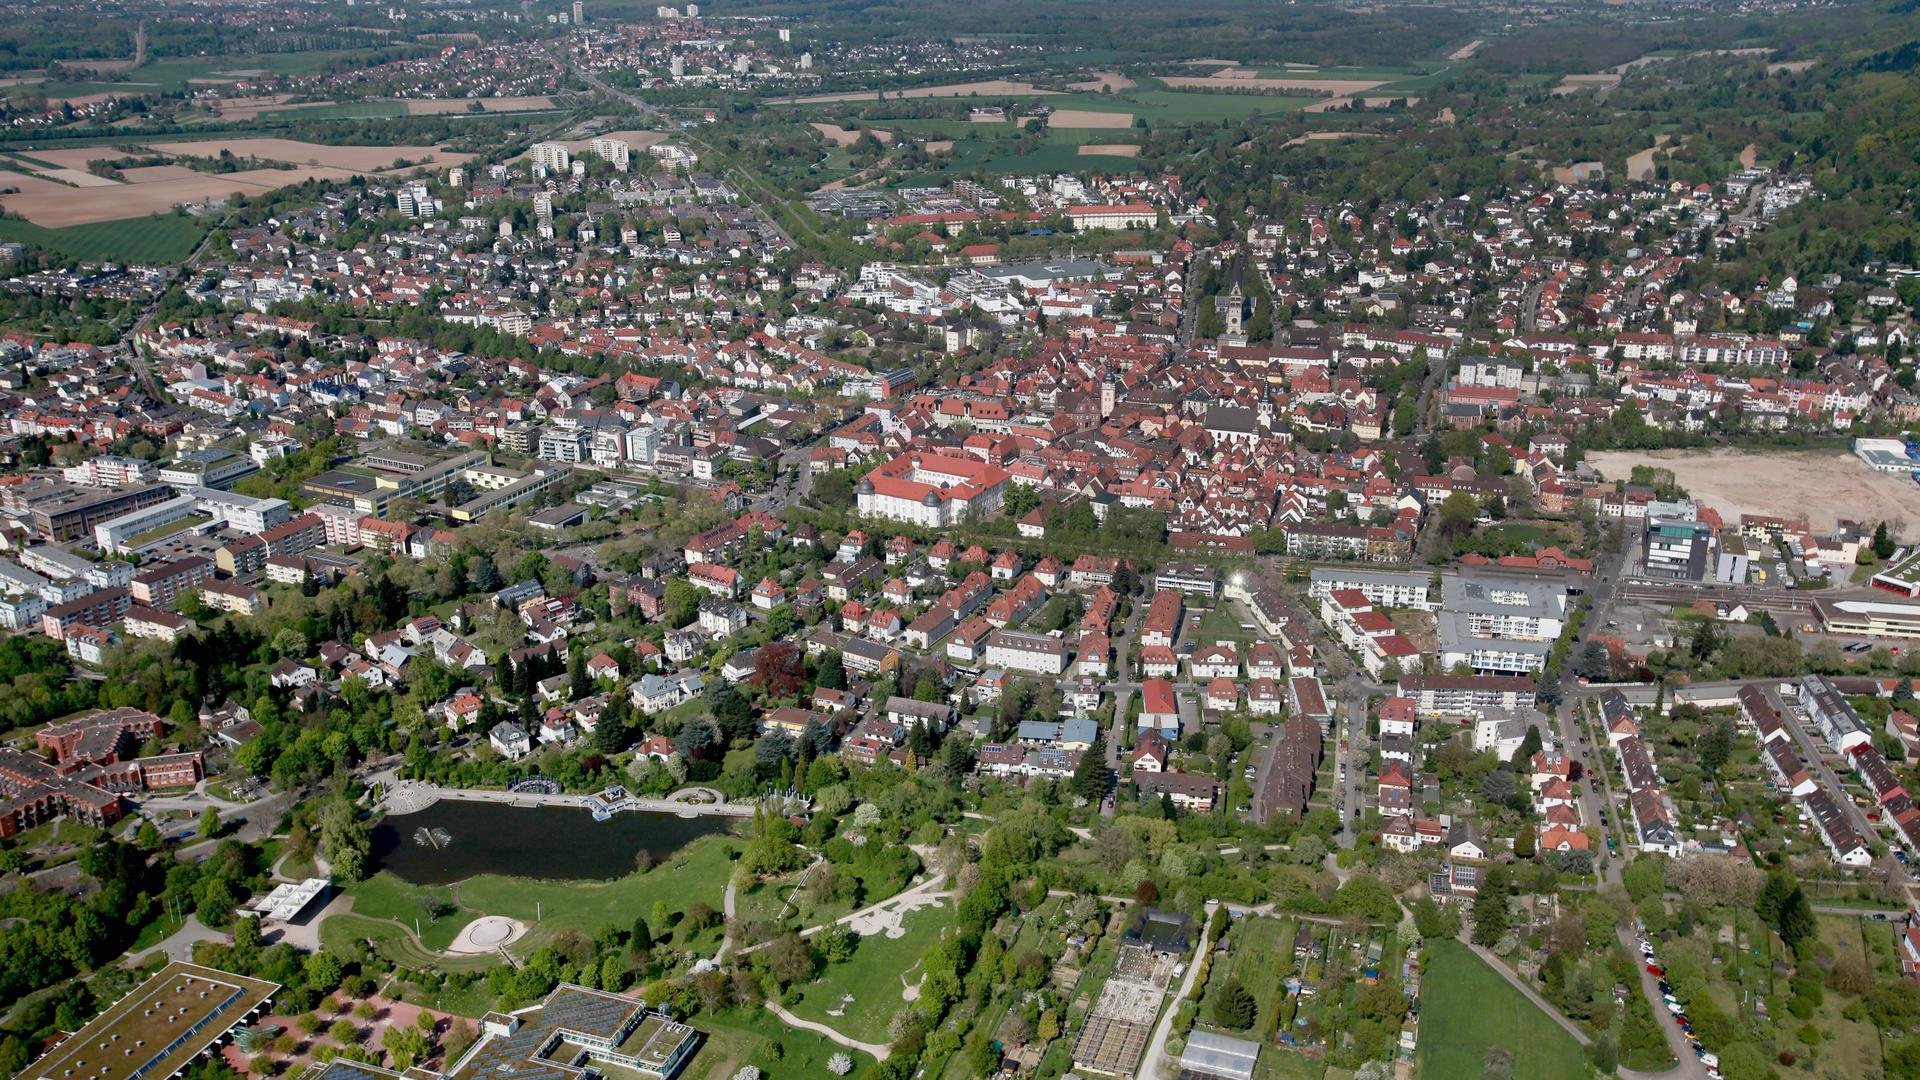 Archiv Luftbilder Fabry  Ettlingen und STadtteile